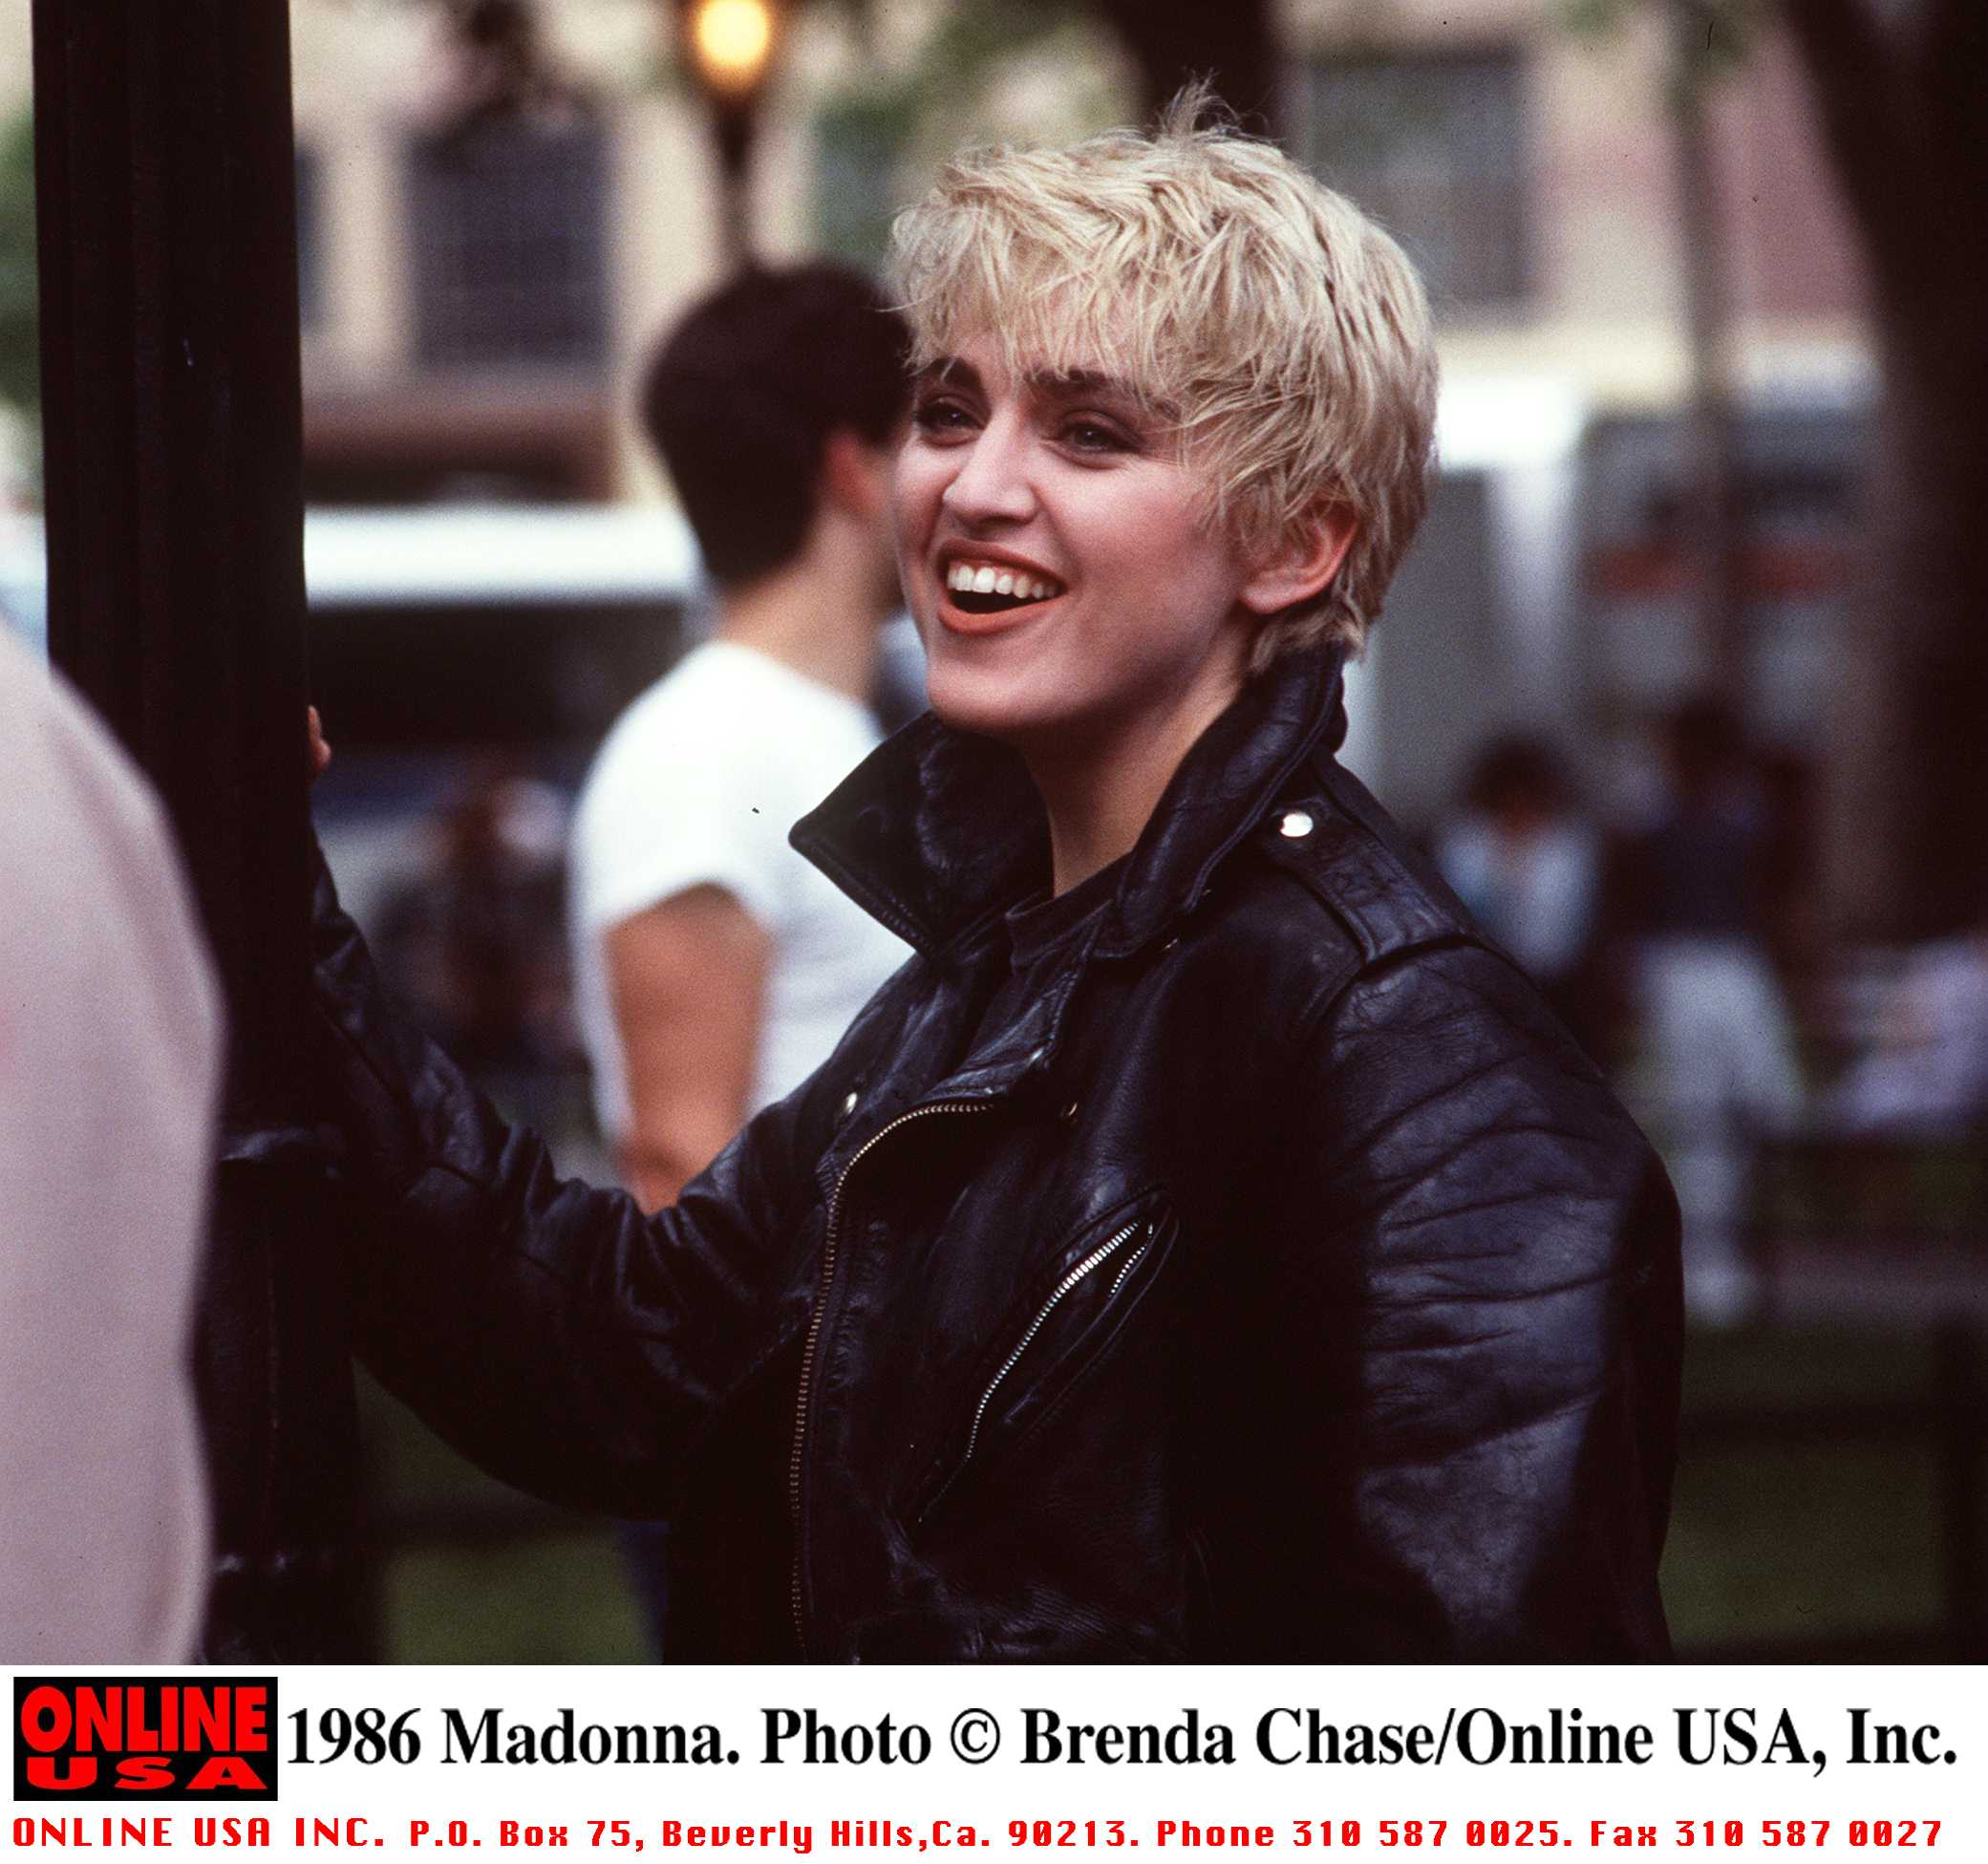 1986 г., Каквото и да облече Мадона, то се превръща в мода. Светли дънки, черно кожено яке - тенденция, които ще бъде актуална дълги години.